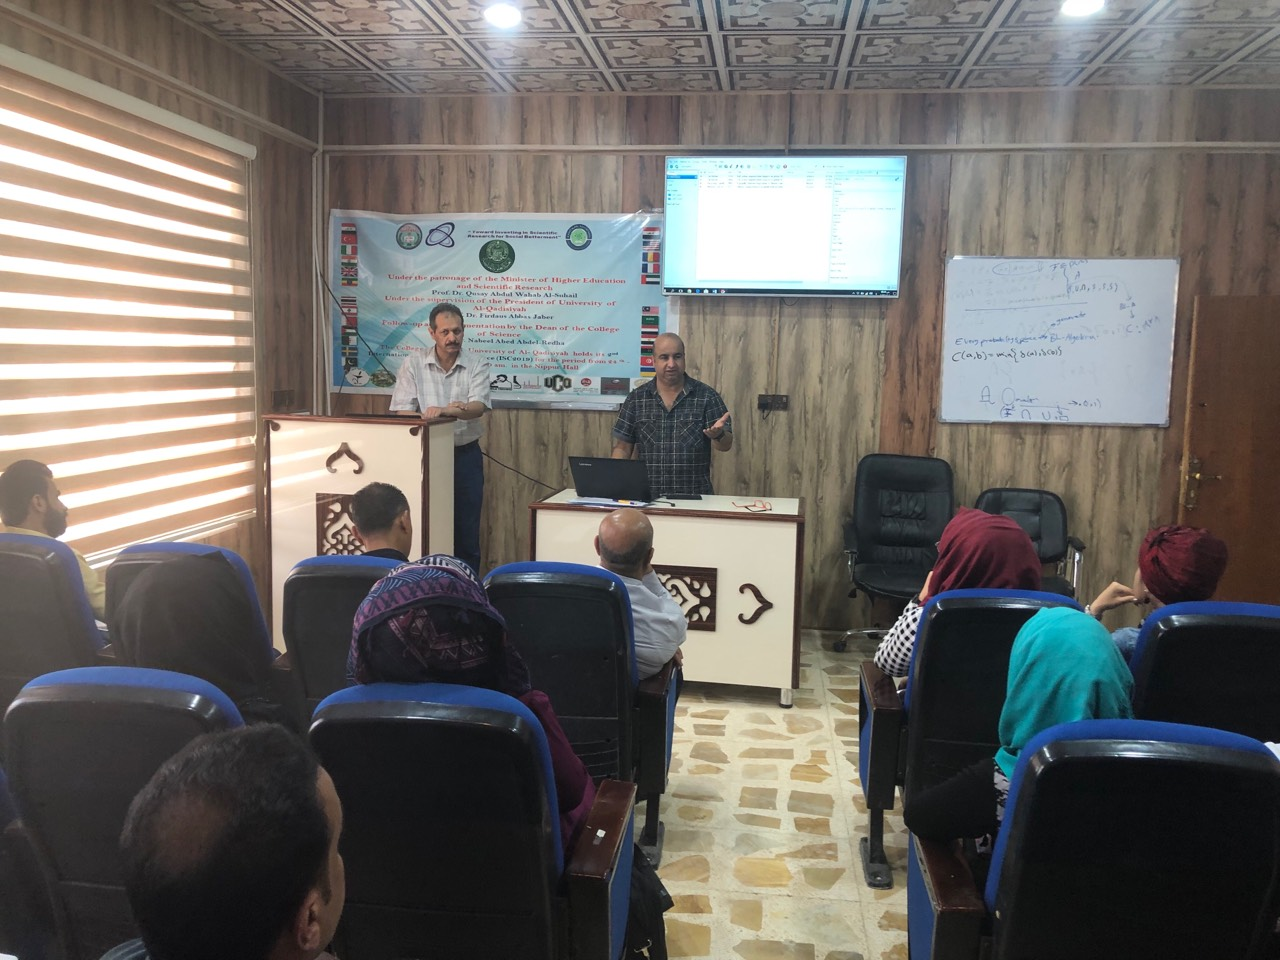 كلية العلوم في جامعة القادسية تقيم دورة تدريبية بعنوان ((كتابة المصادر العلمية باستخدام البرامج الحديثة))